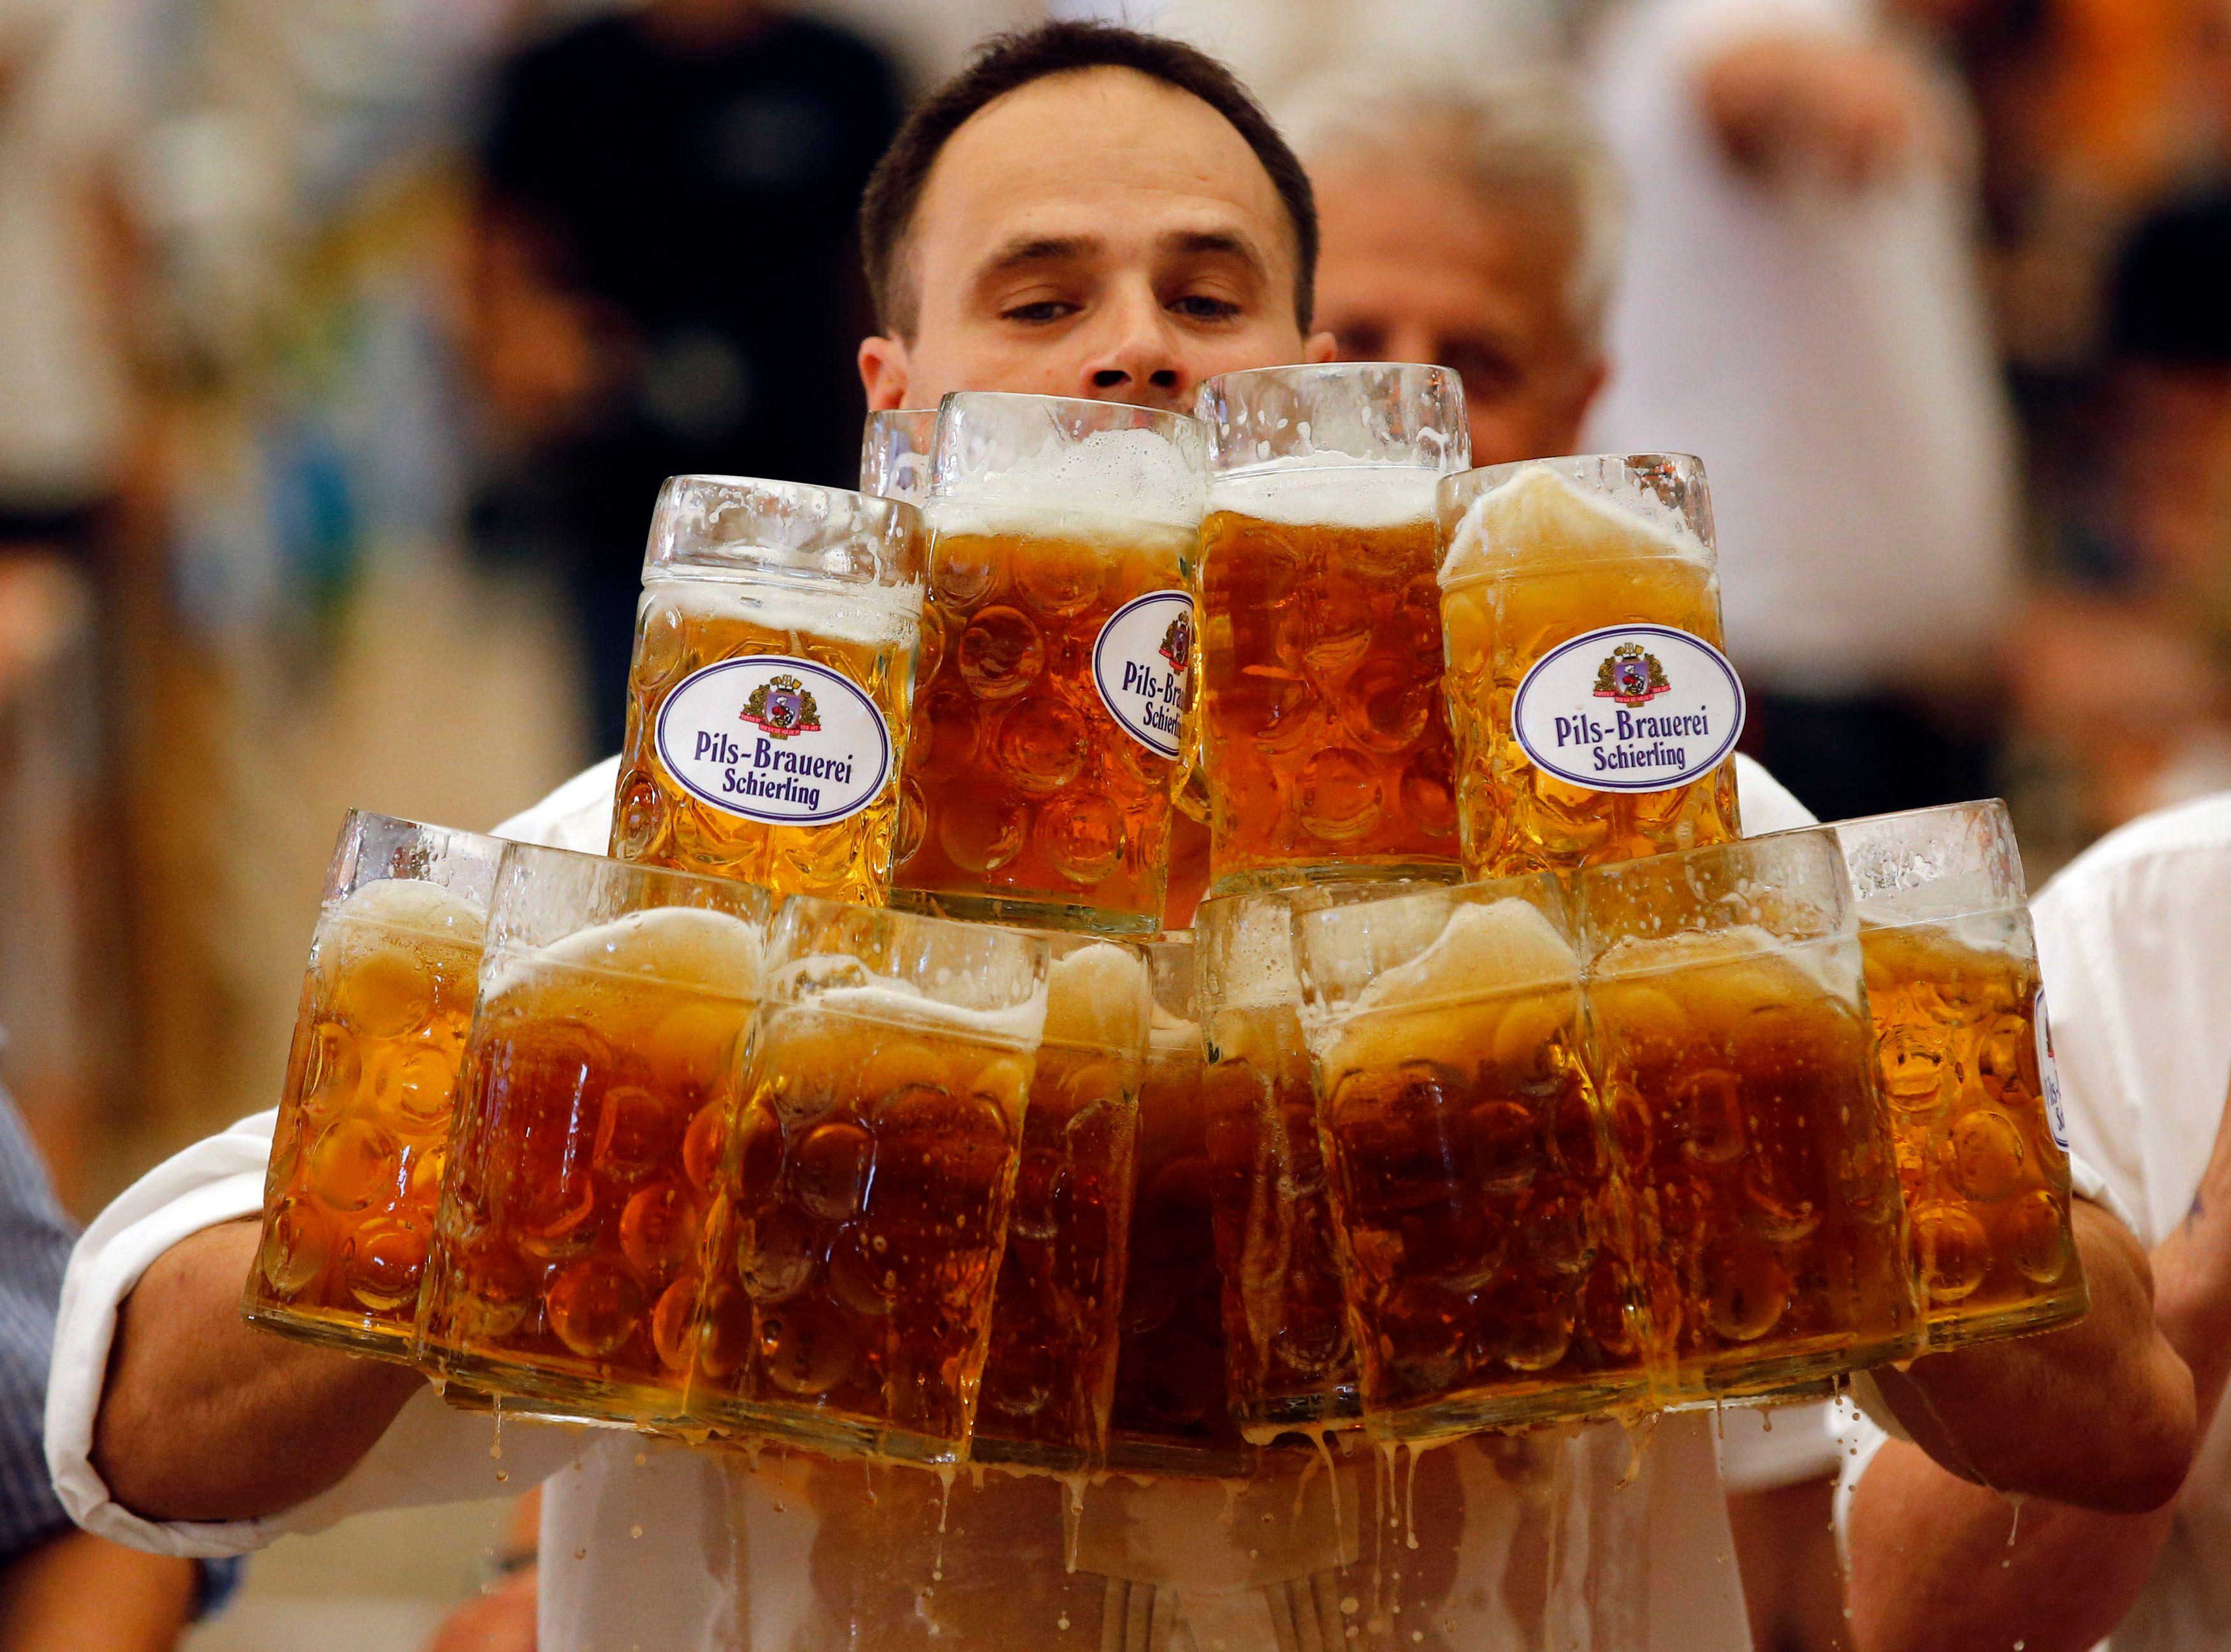 Selon une étude de l'INPES, les jeunes français sont de plus en plus souvent ivres.